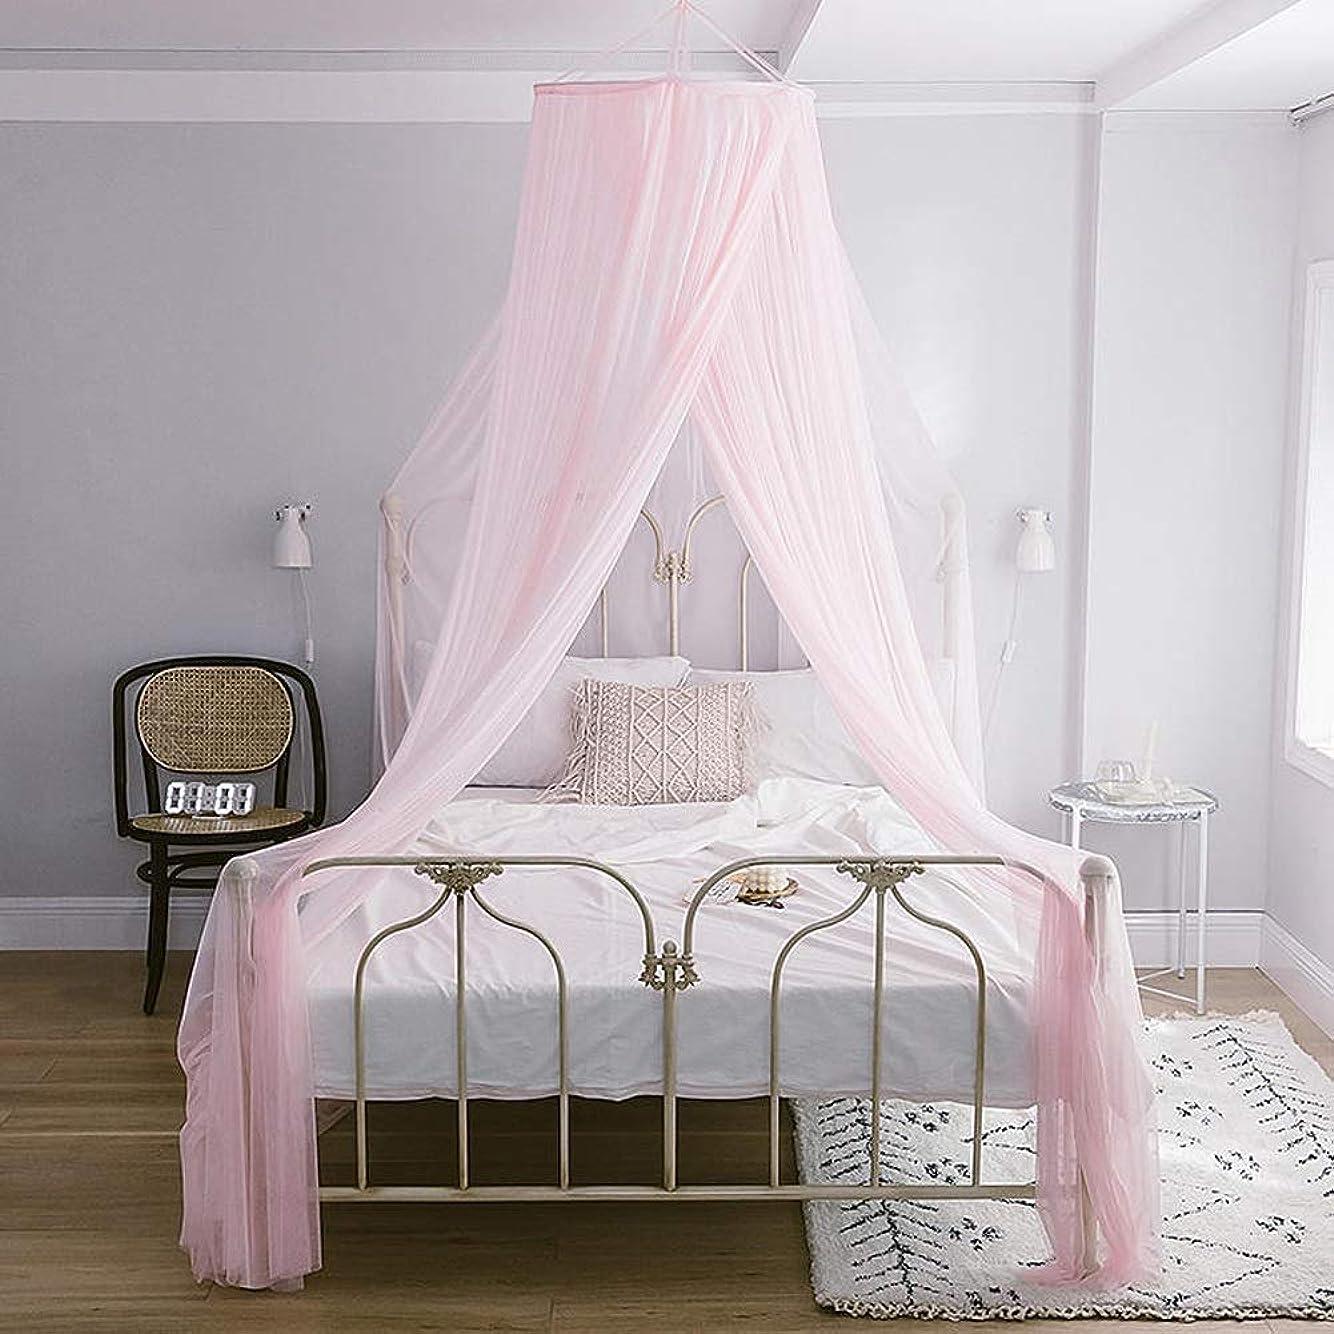 数値トレーニング解き明かす王女の蚊帳のレース、子供のためのドームベッドのおおいは昆虫の保護屋内/屋外の装飾的な高さを飛ばします (Color : ピンク, Size : 2.0m (6.6 feet))